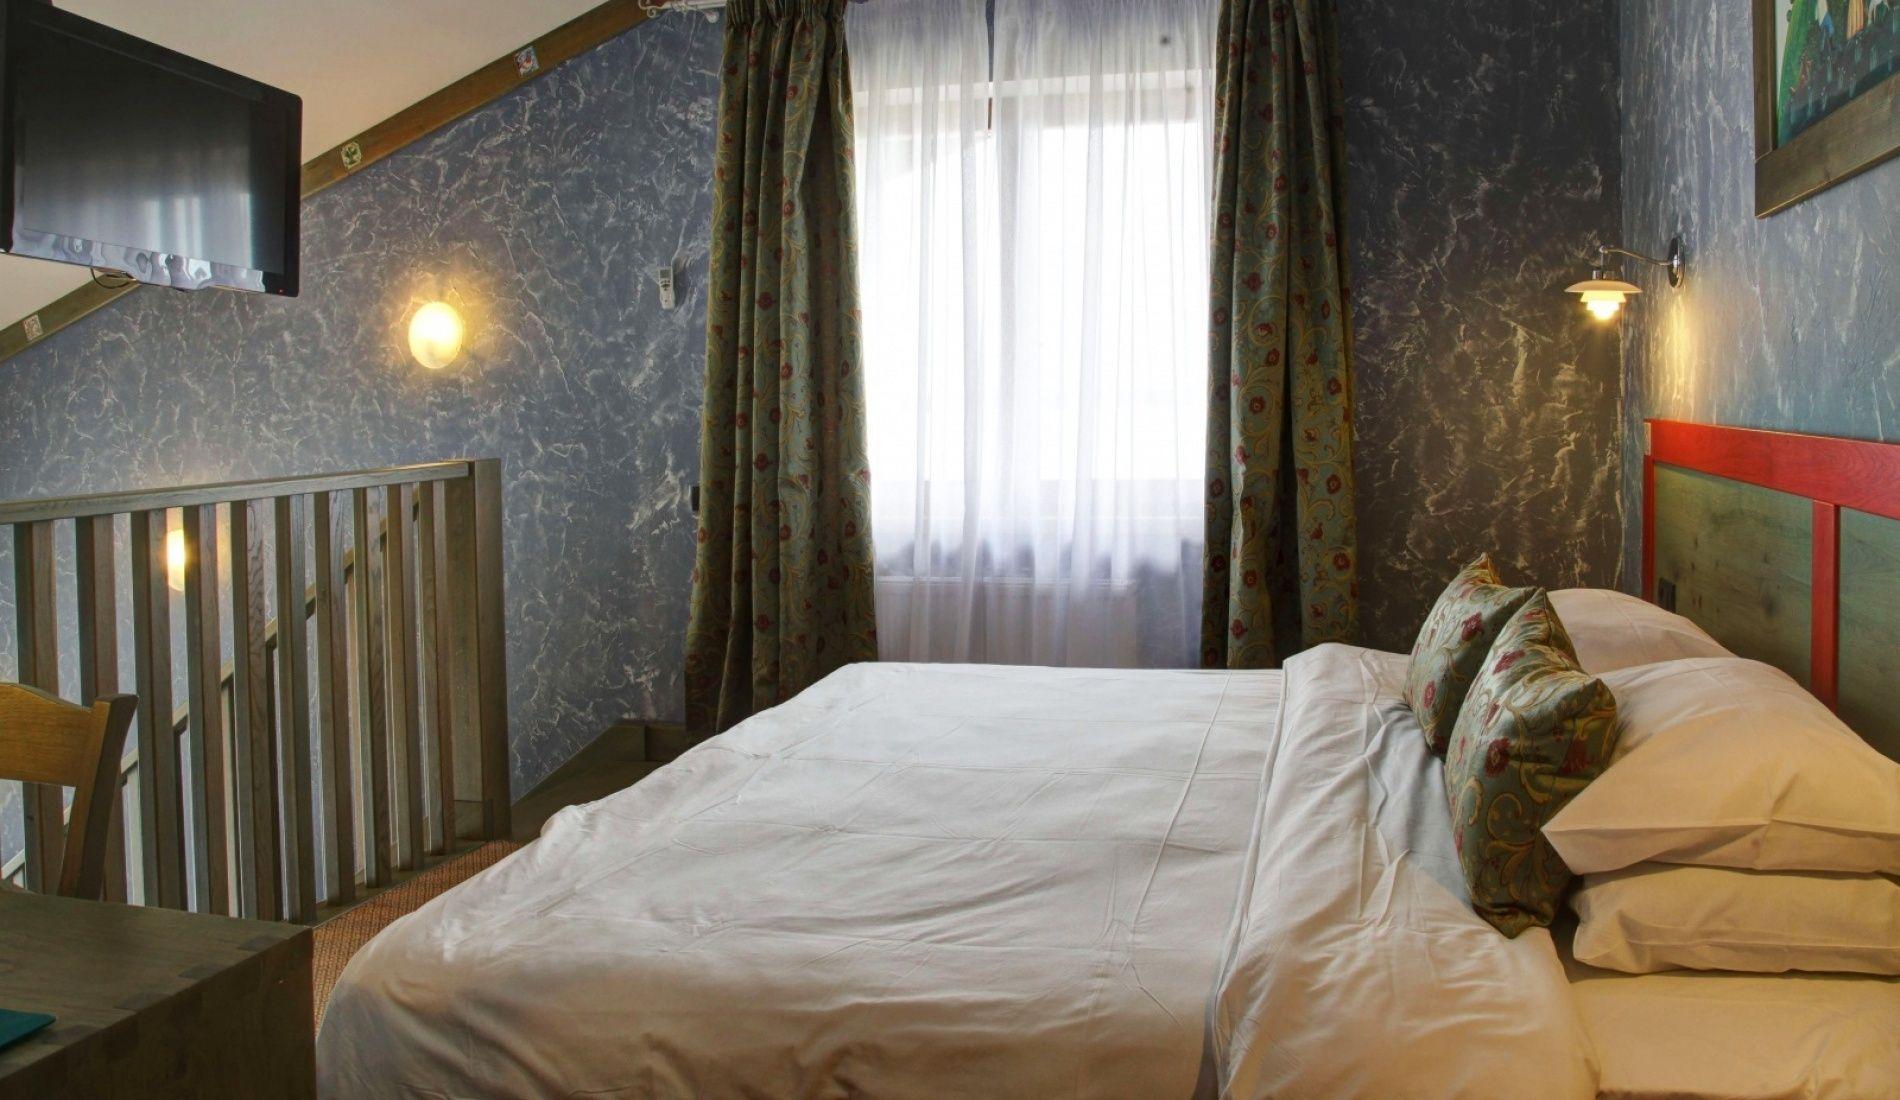 Эвент-отель «Конаково Ривер Клаб» Тверская область Номер «Апартаменты», фото 1